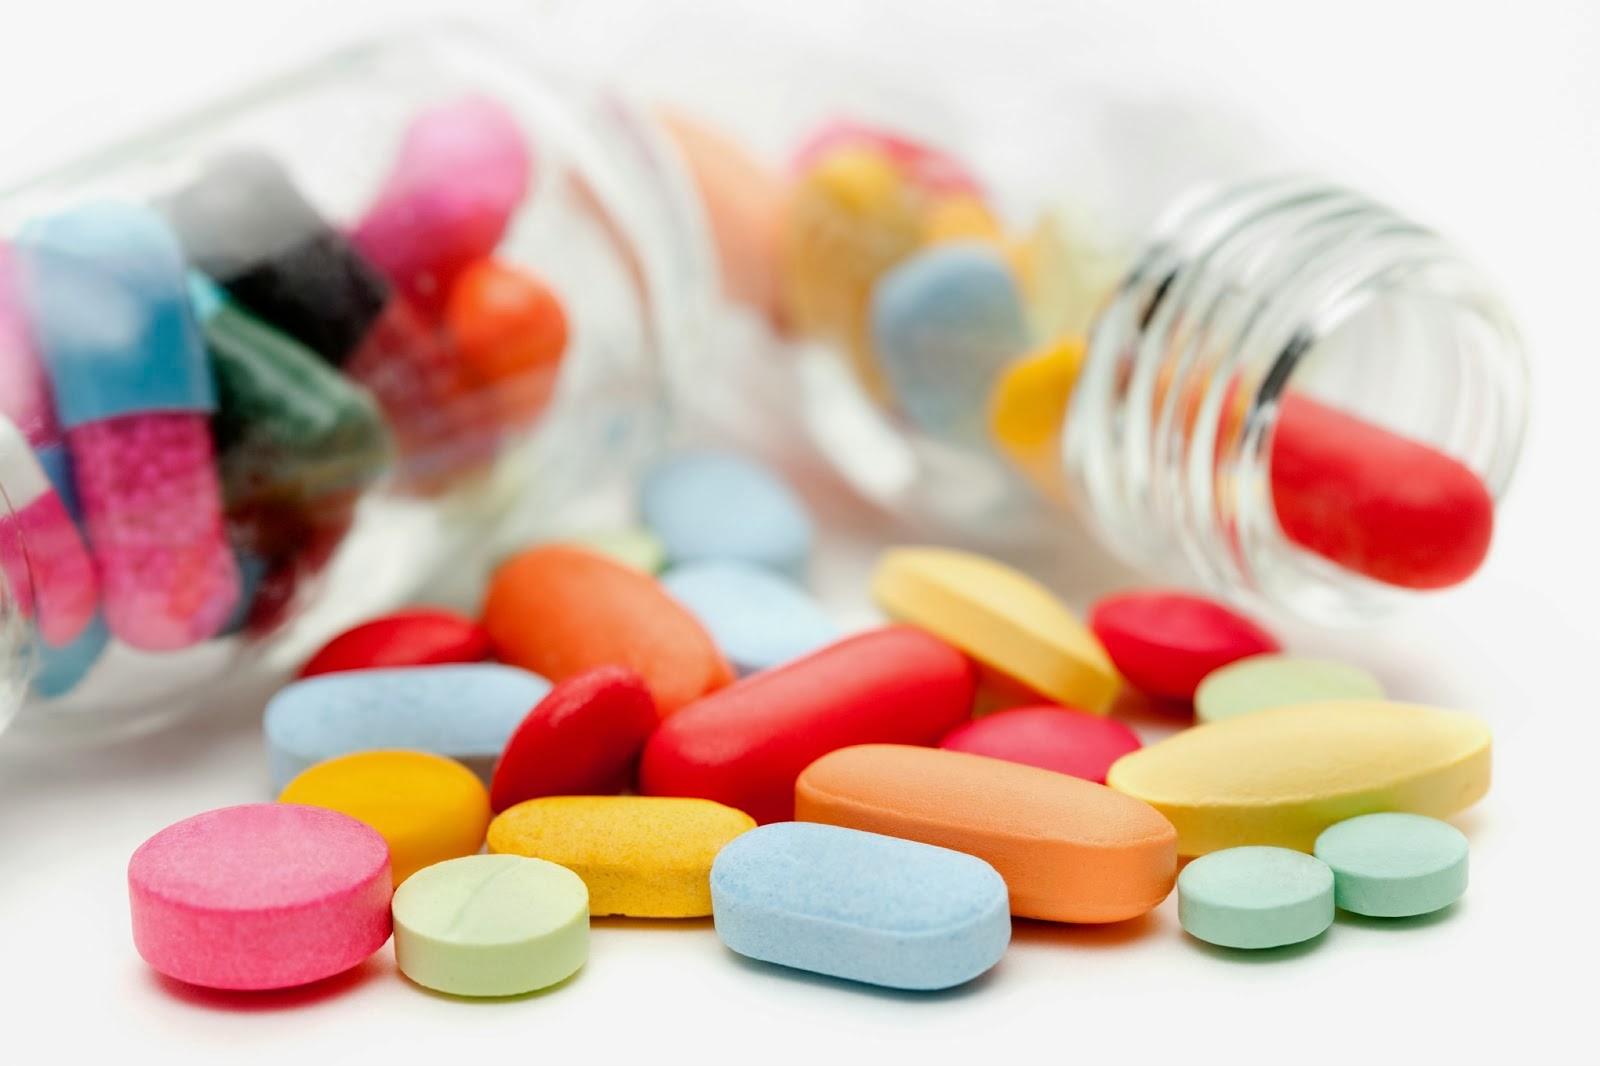 Bioacimin - 02 - Apr - Những lưu ý giúp trẻ tăng đề kháng phòng chống dịch bệnh trong thời tiết giao mùa2